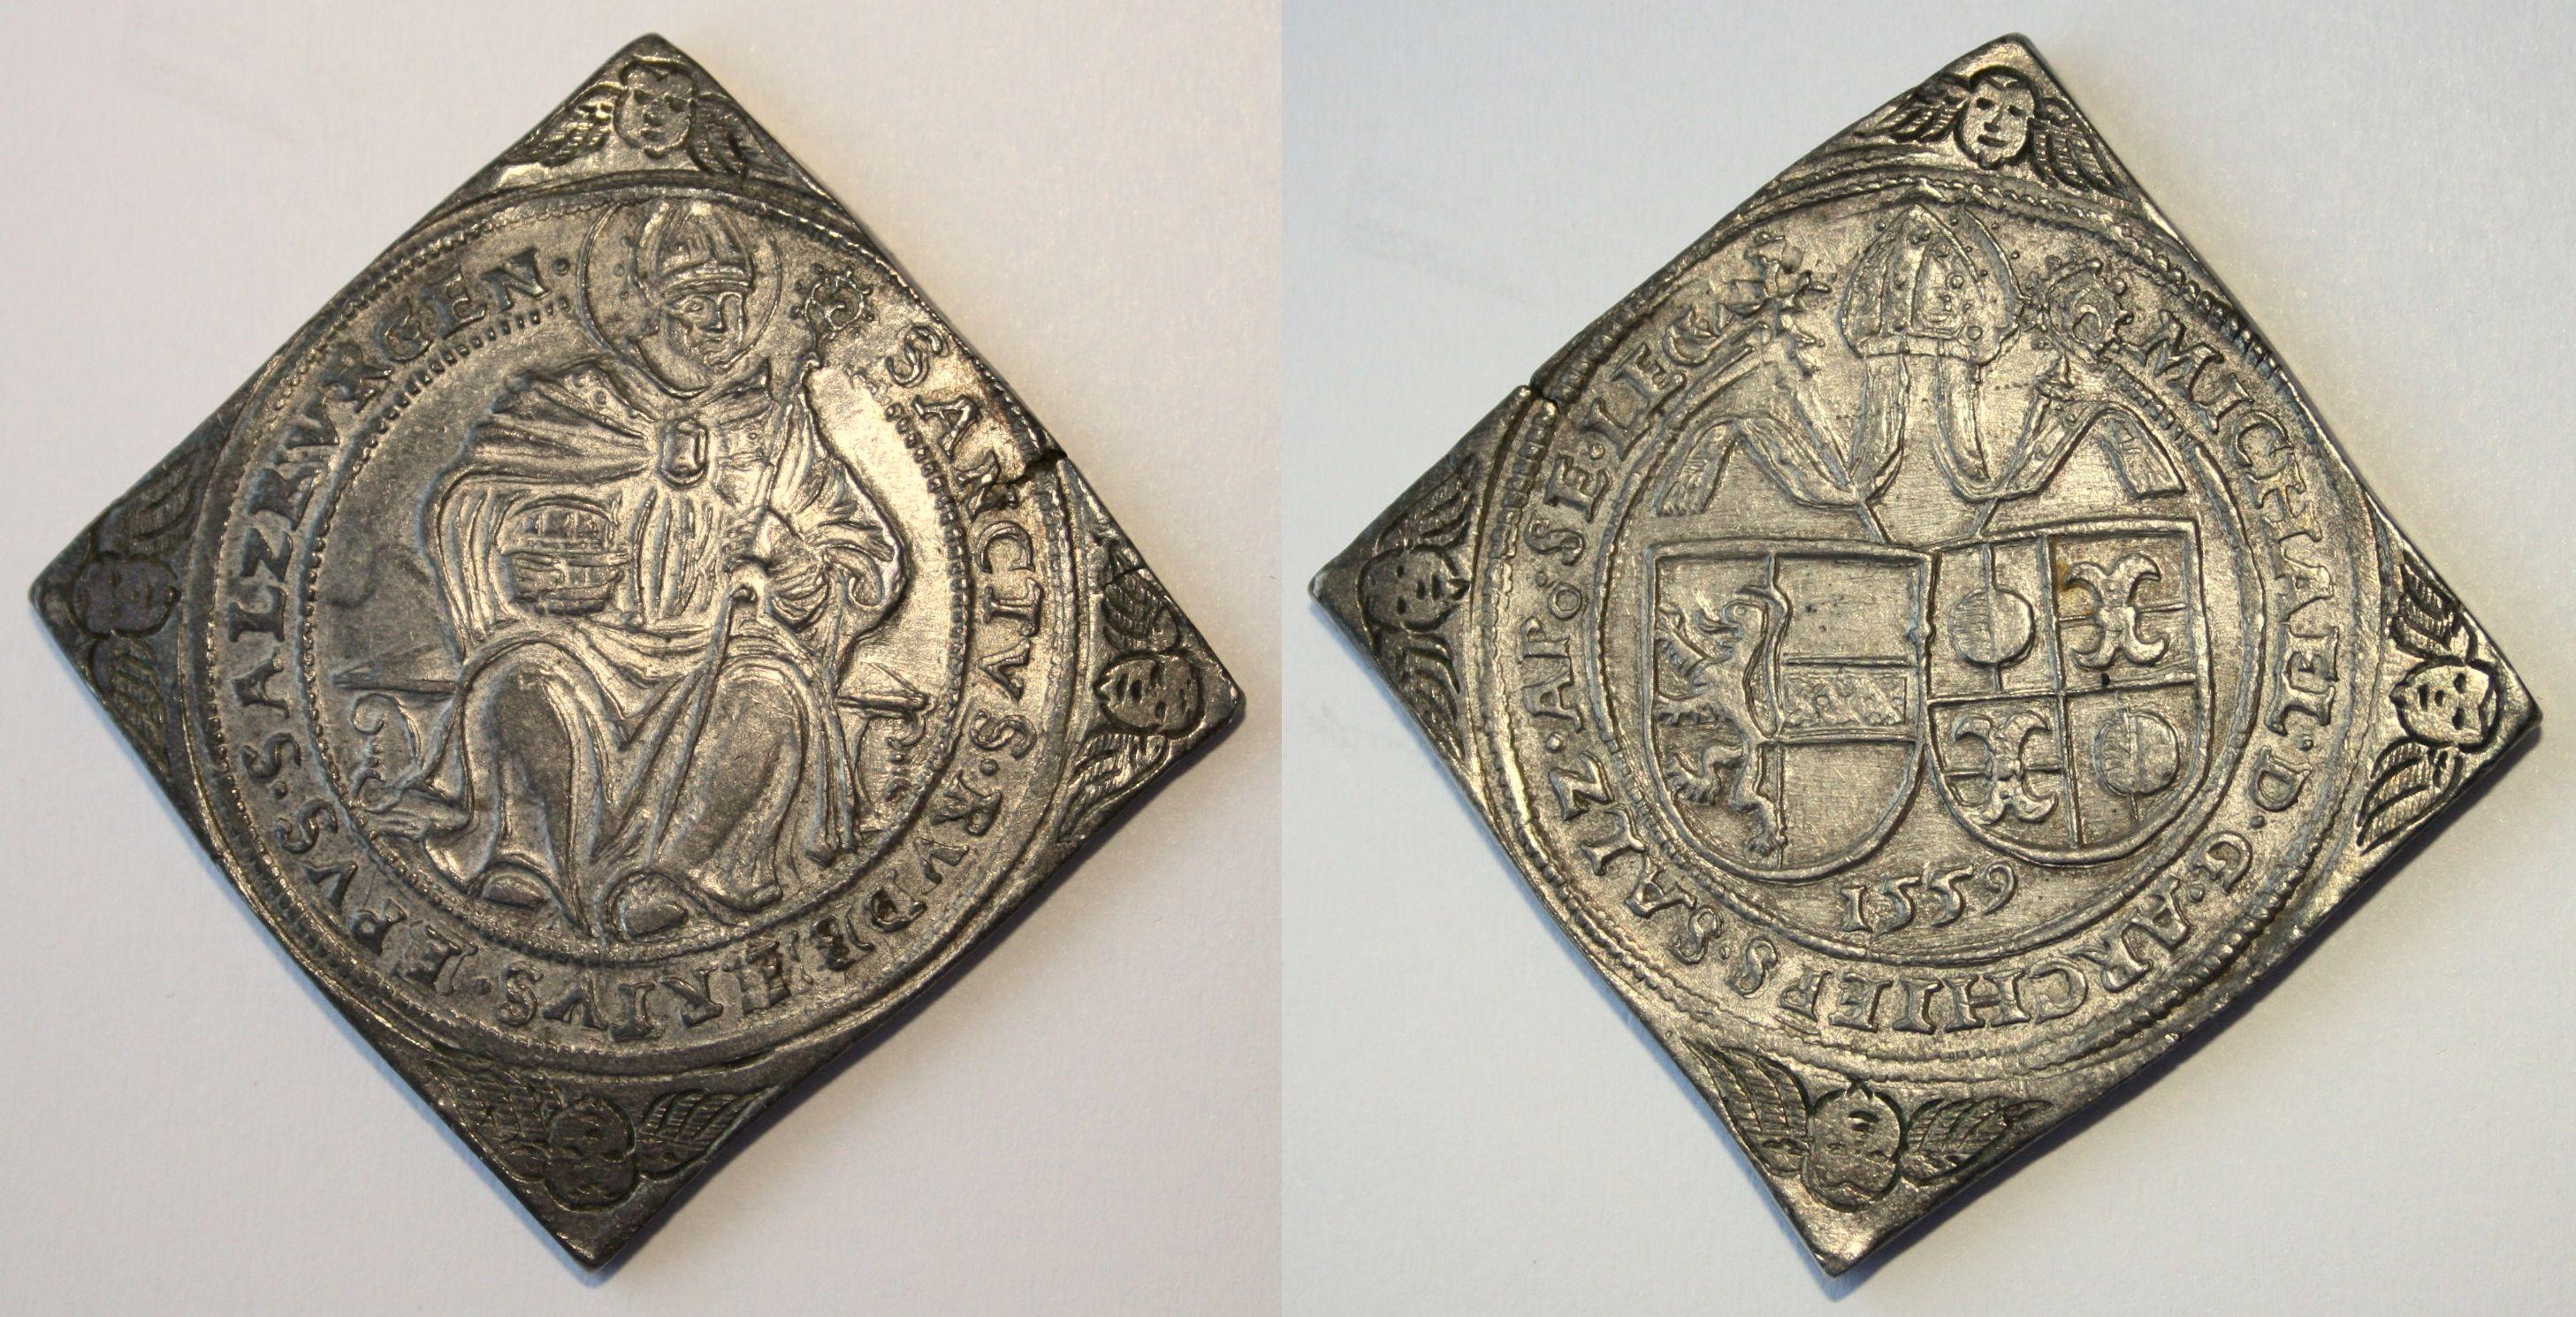 Guldinerklippe 1559, Münzkabinett Gotha, Inv. 3.2./5539. UNEDIERT!